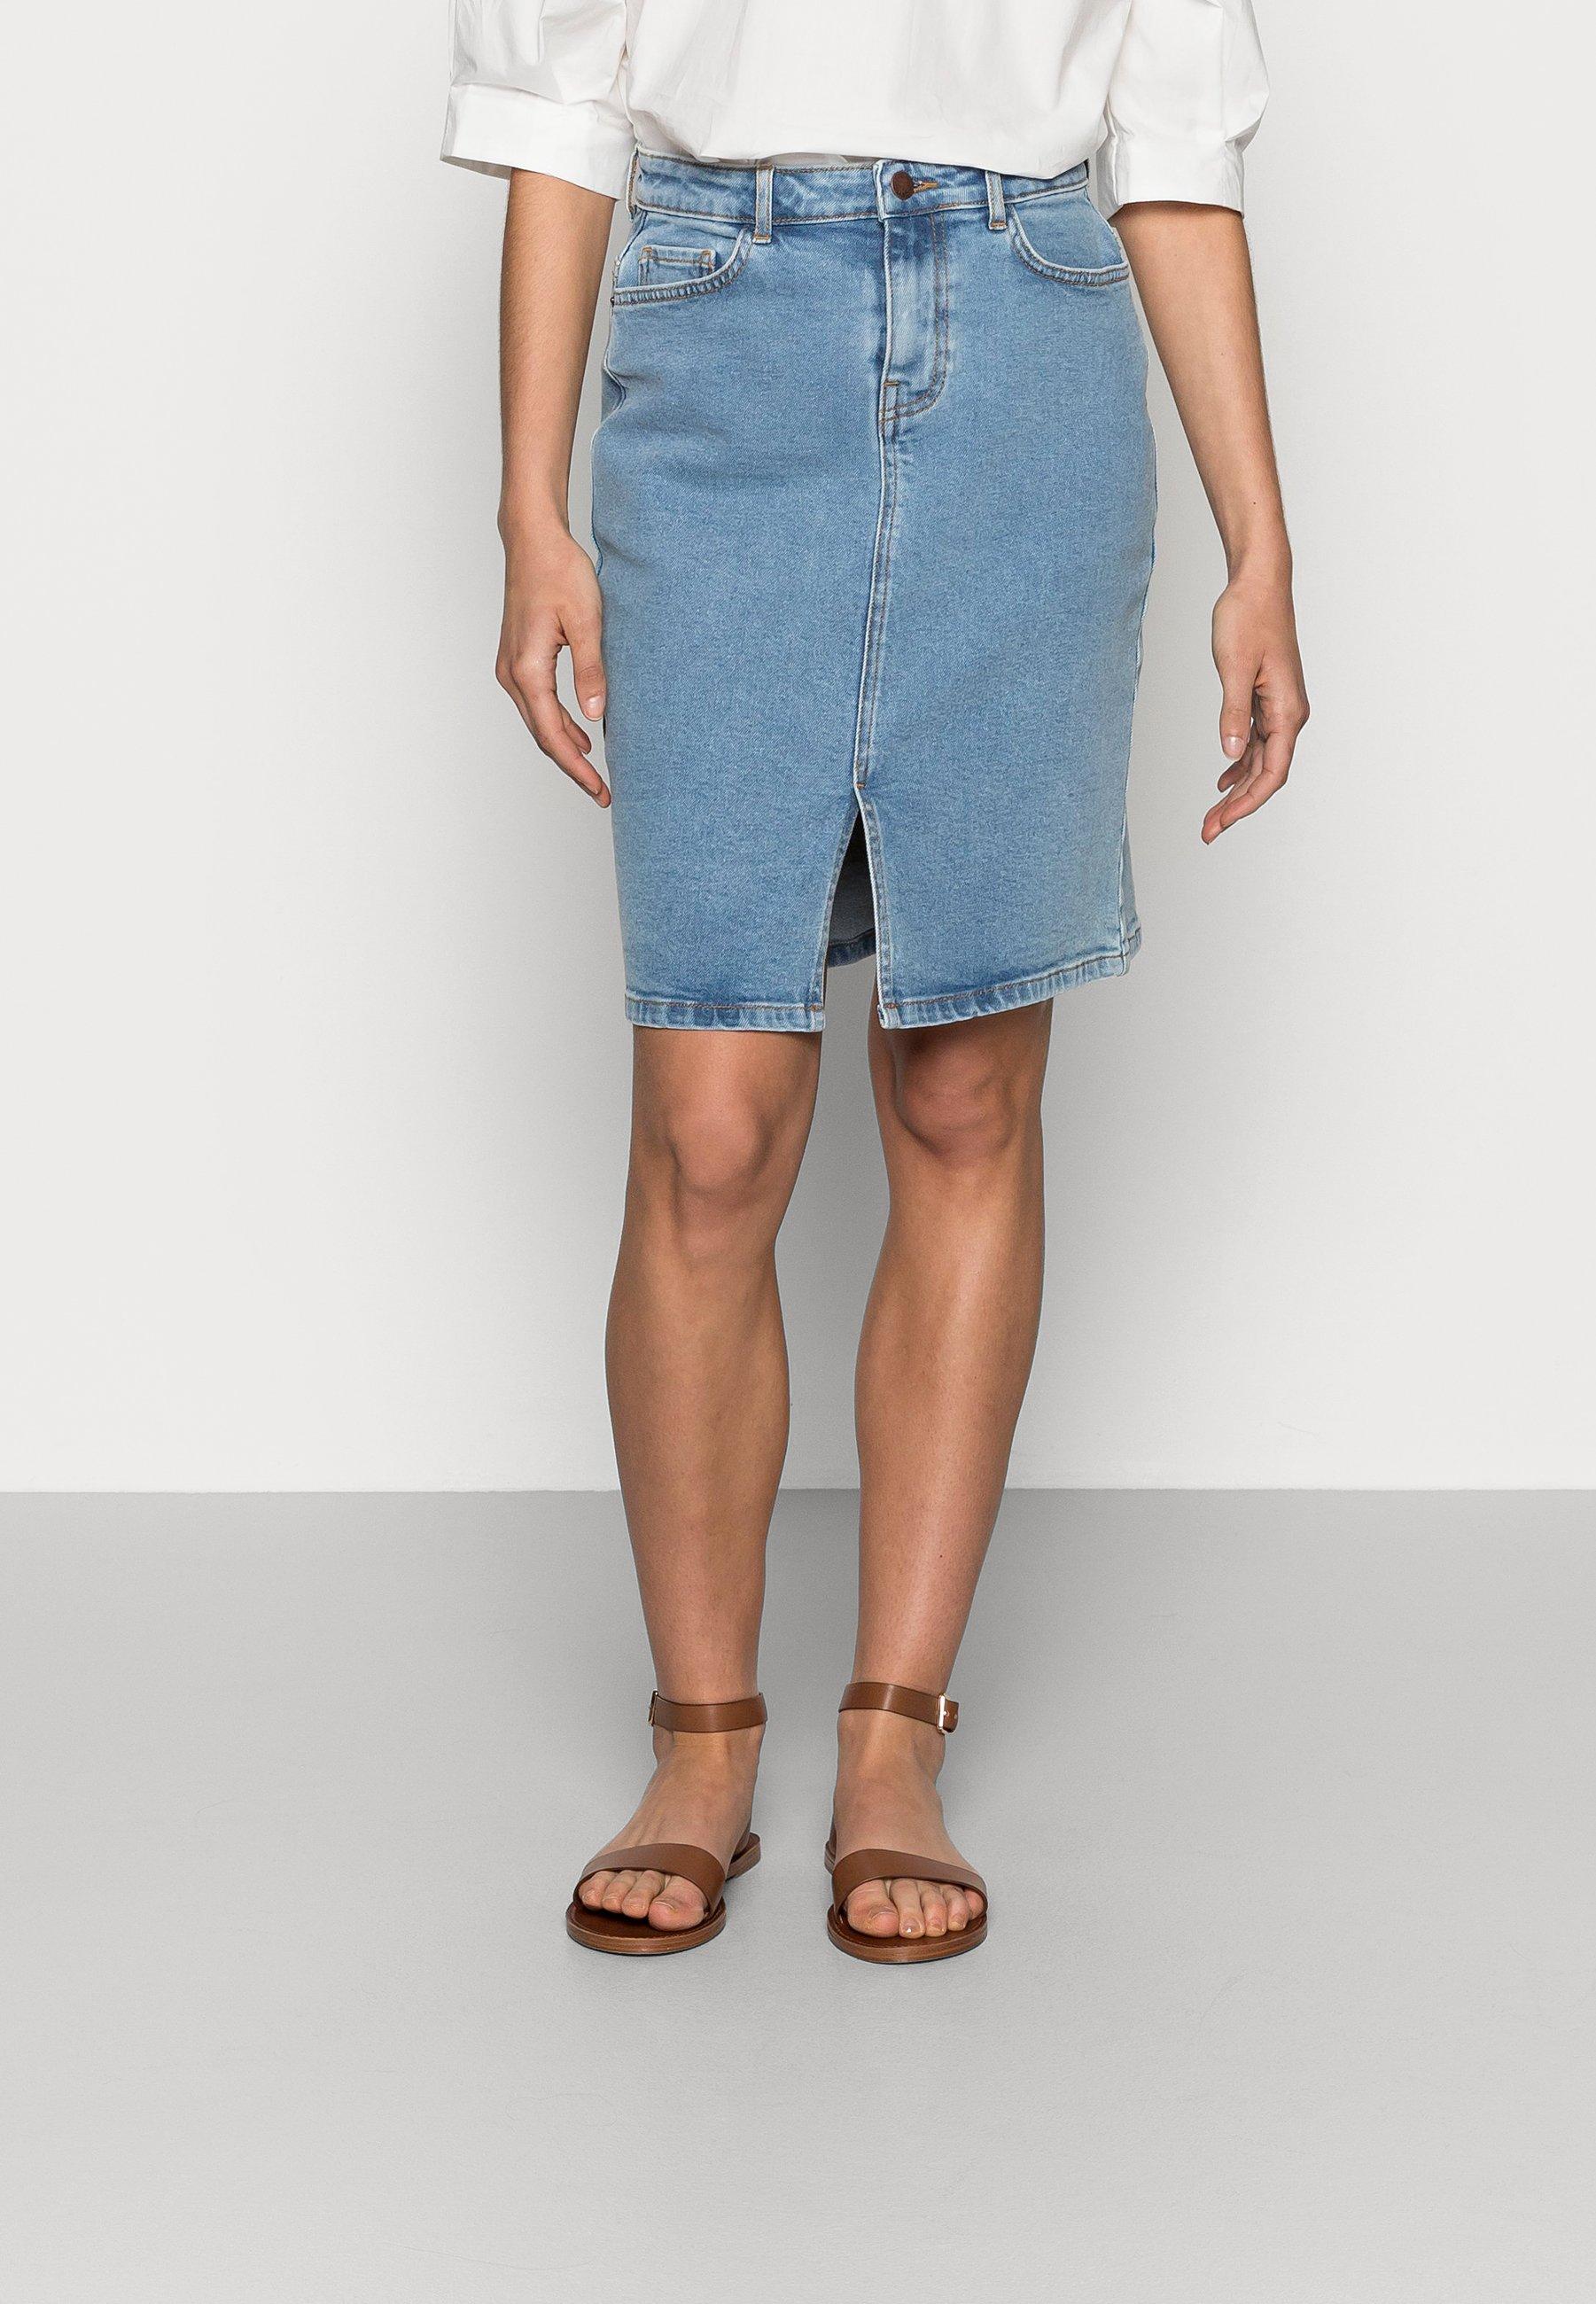 Femme CALISSA RIKKA DENIM SKIRT - Jupe en jean